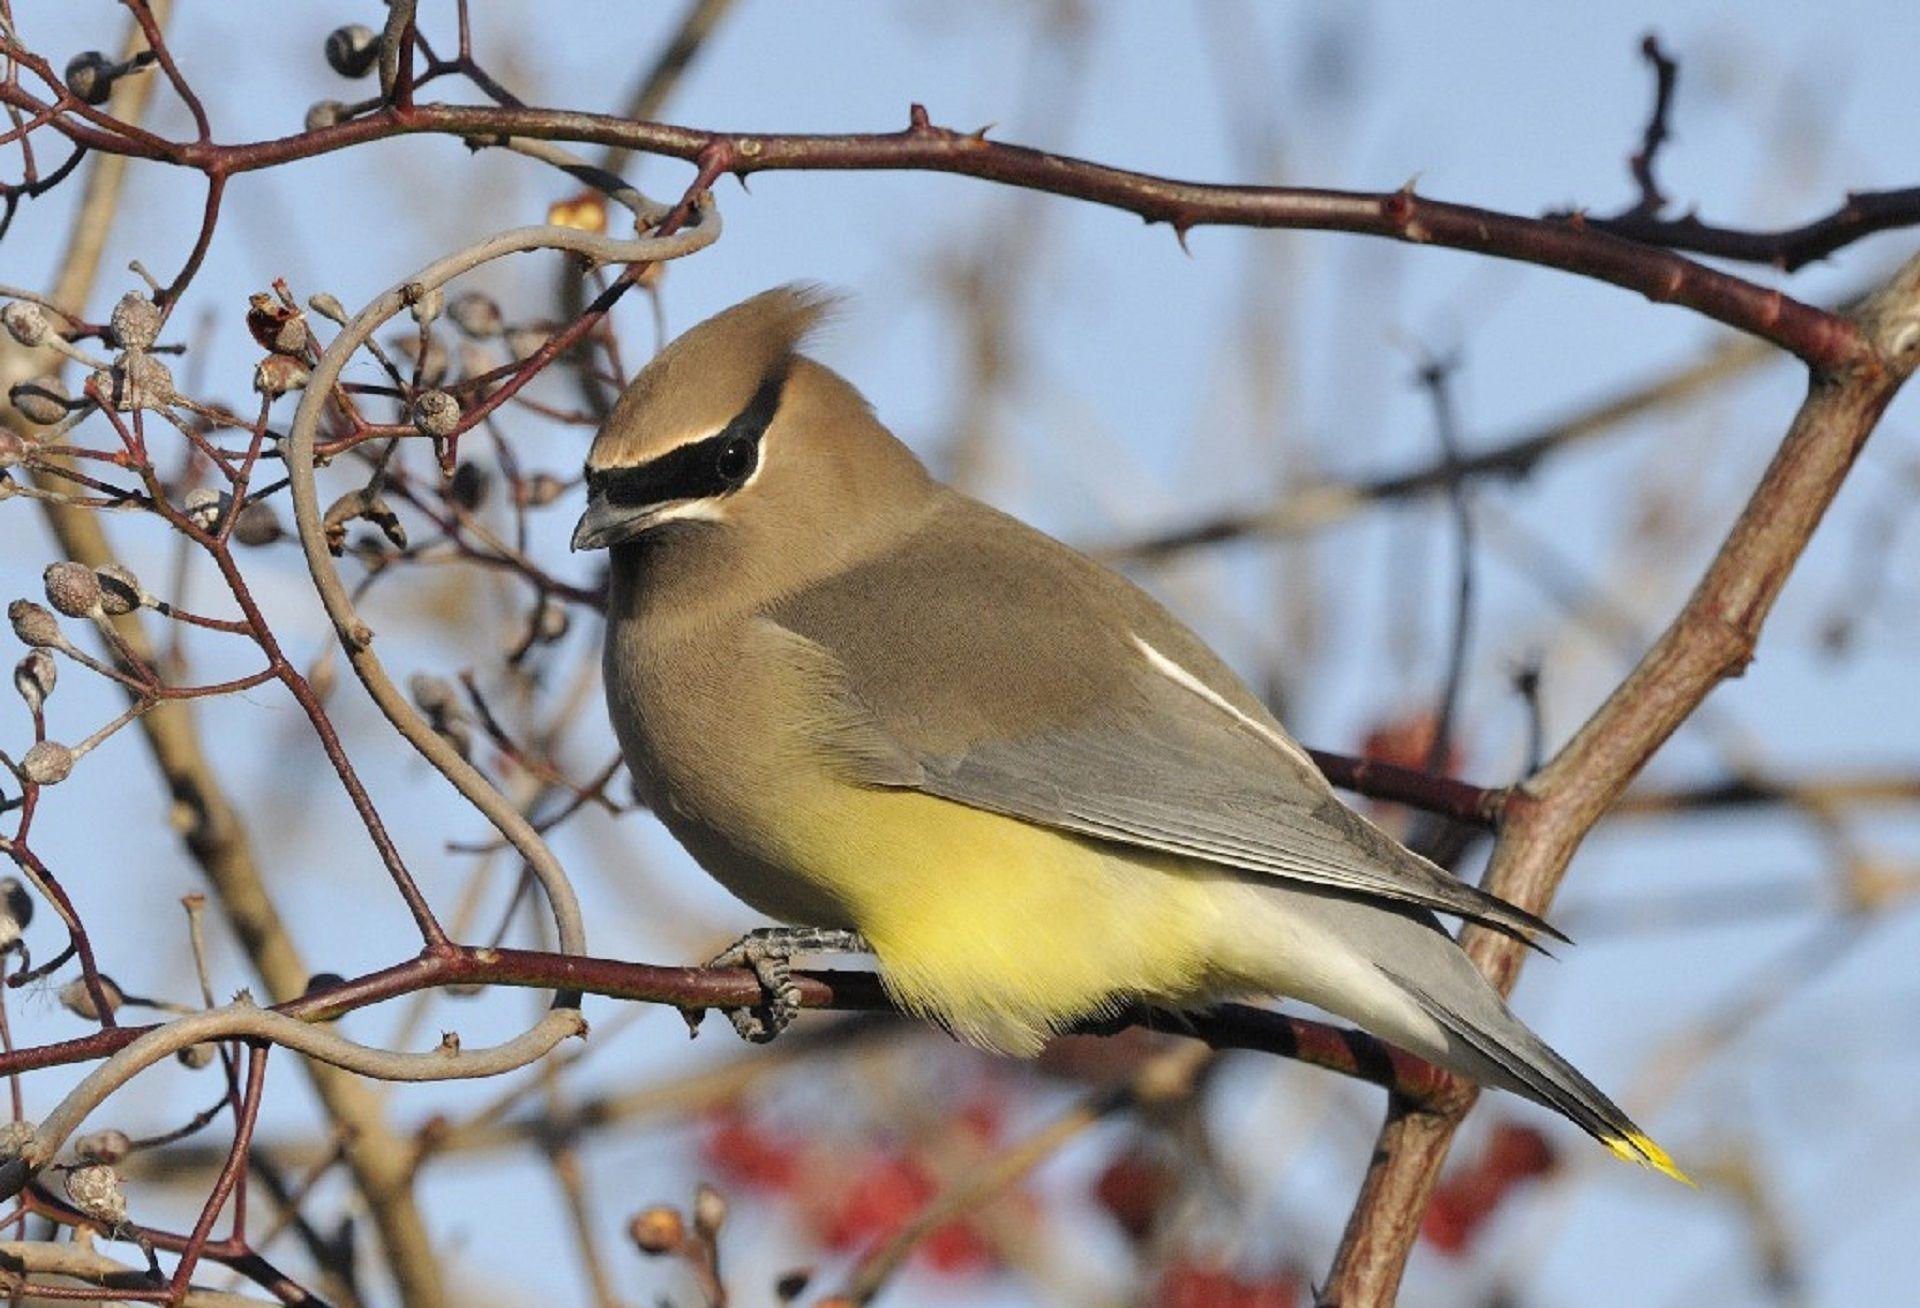 Как выглядят птицы свиристели? Смотрите фото бесплатно